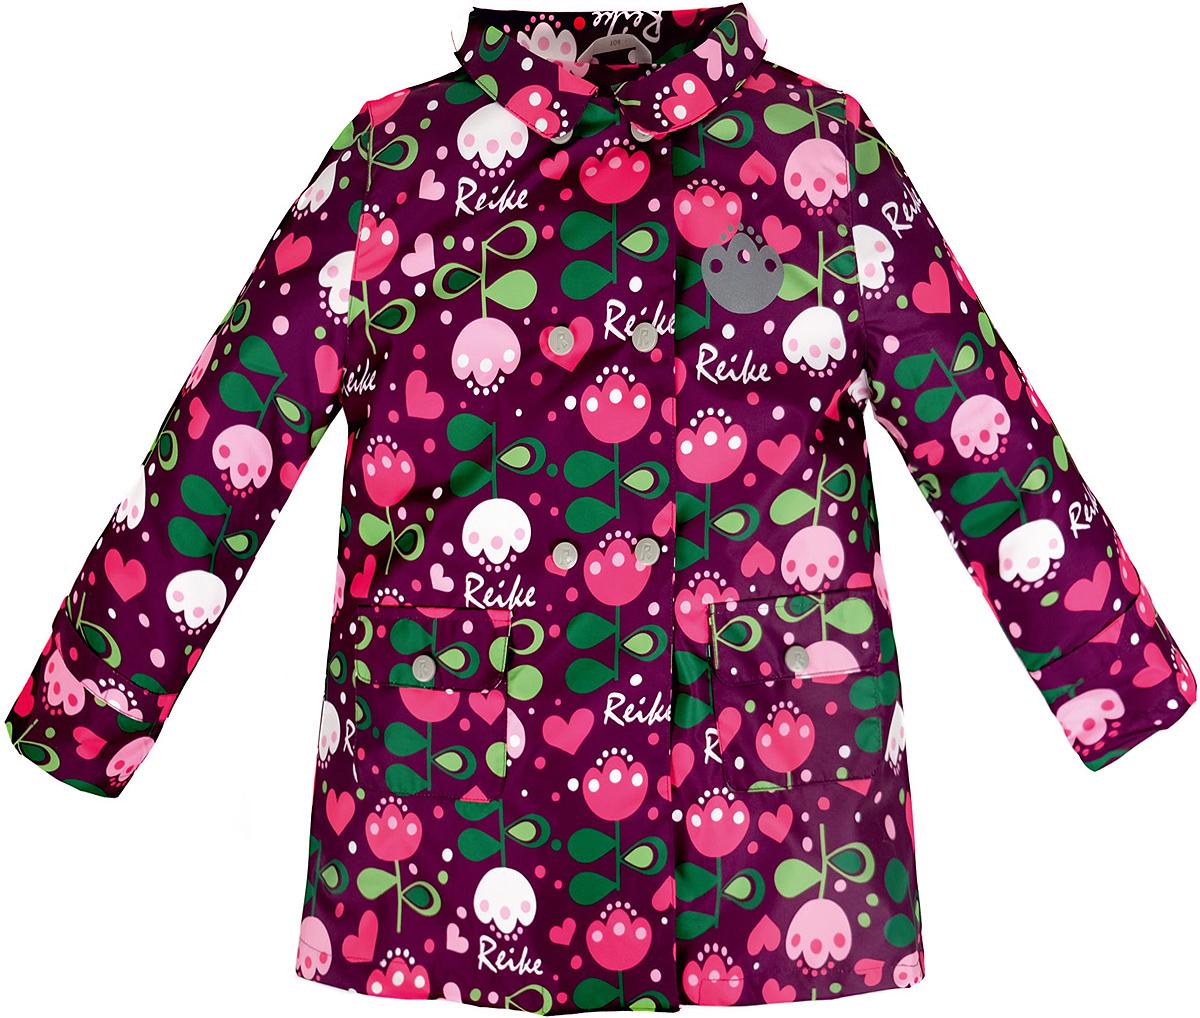 Куртка для девочки Reike Тюльпан, цвет: бордовый. 36939003. Размер 104, 4 года36 939 003_Tulip bordeauxСтильная куртка для девочки Reike Тюльпан выполнена из ветрозащитного, водоотталкивающего и дышащего материала с подкладкой из микрофлиса, обеспечивающей дополнительный комфорт. Расклешенная модель в ретро-стиле выполнена с имитацией двубортной застежки на кнопках и дополнена двумя накладными карманами с клапанами. В виде интересного акцента выступают отложной воротник, ремешки на рукавах и складка на спинке. Изделие оснащено светоотражающим элементоми оформлено ярким цветочным принтом в стиле серии. Особенности изделия:- базовый уровень; - коэффициент воздухопроницаемости: 2000гр/м2/24 ч;- водоотталкивающее покрытие: 2000 мм.